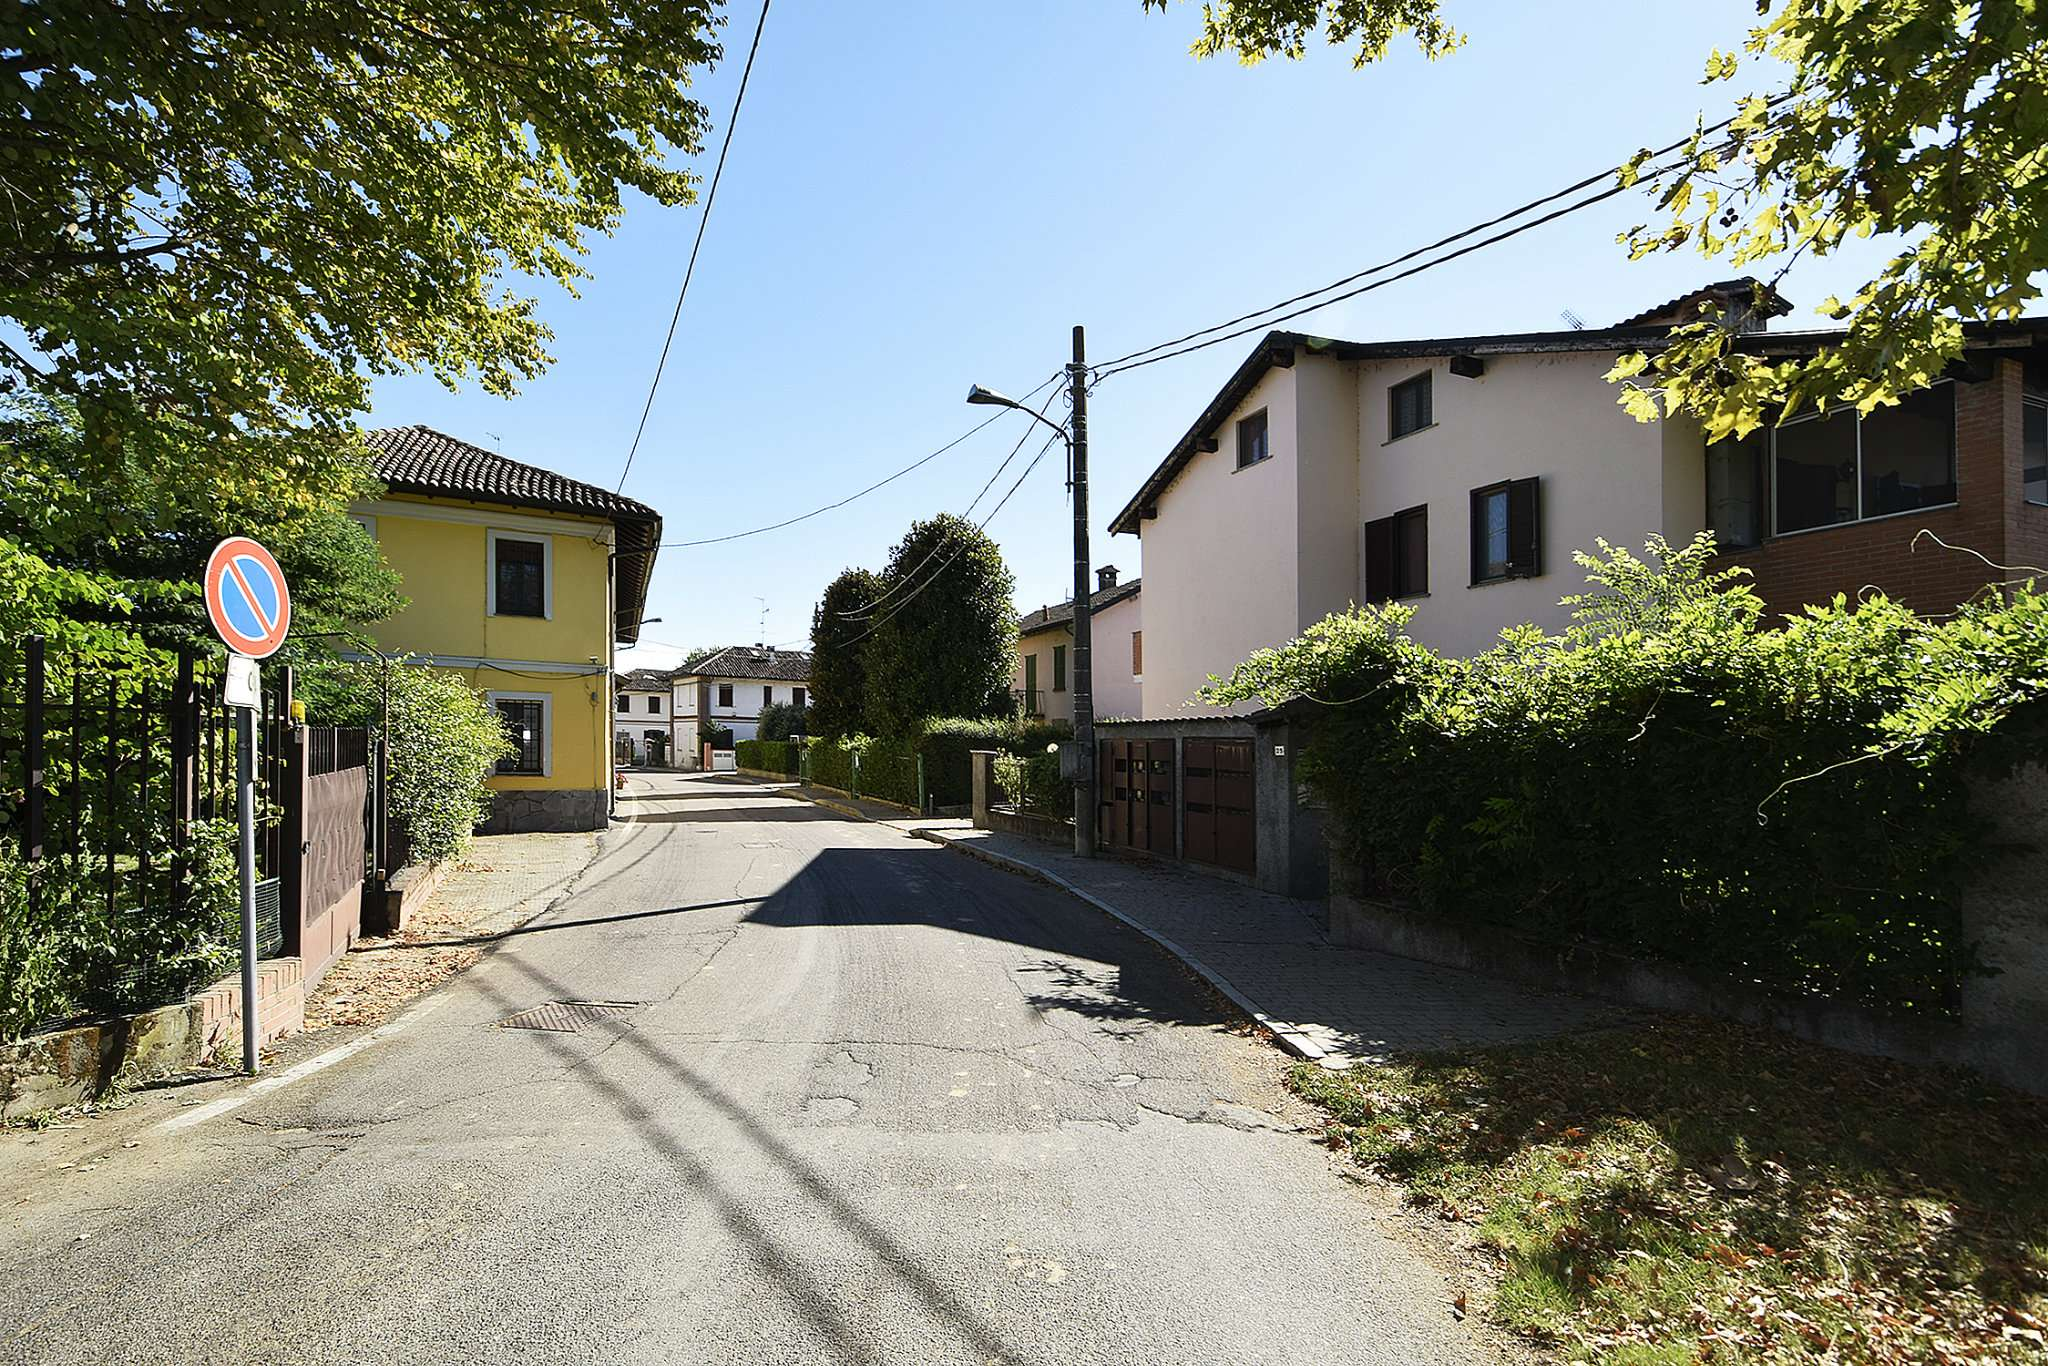 Appartamento in vendita a Rognano, 2 locali, prezzo € 98.000 | PortaleAgenzieImmobiliari.it